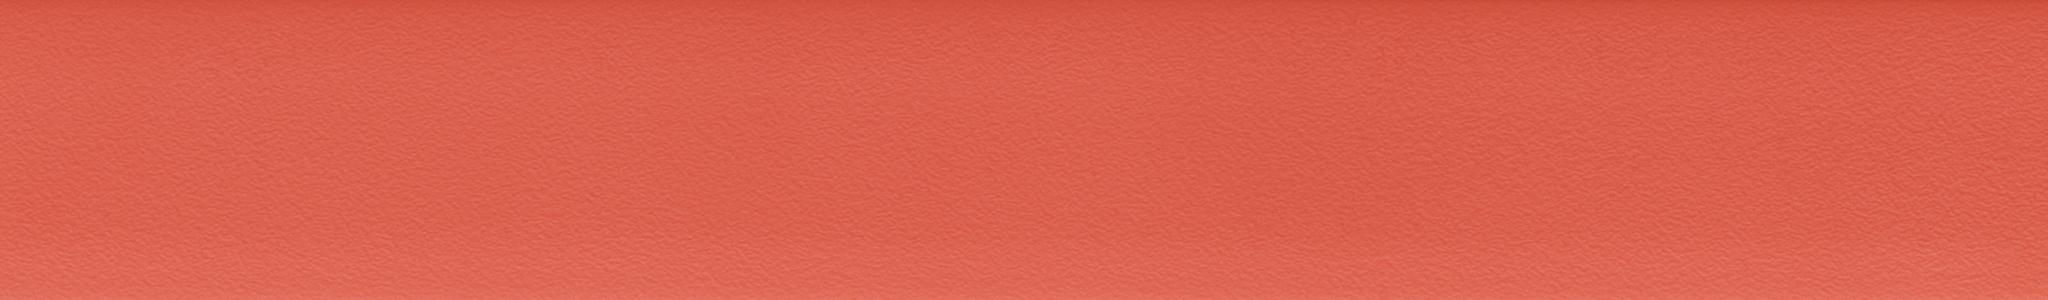 HU 13390 Bordo ABS Rosso Perla XG